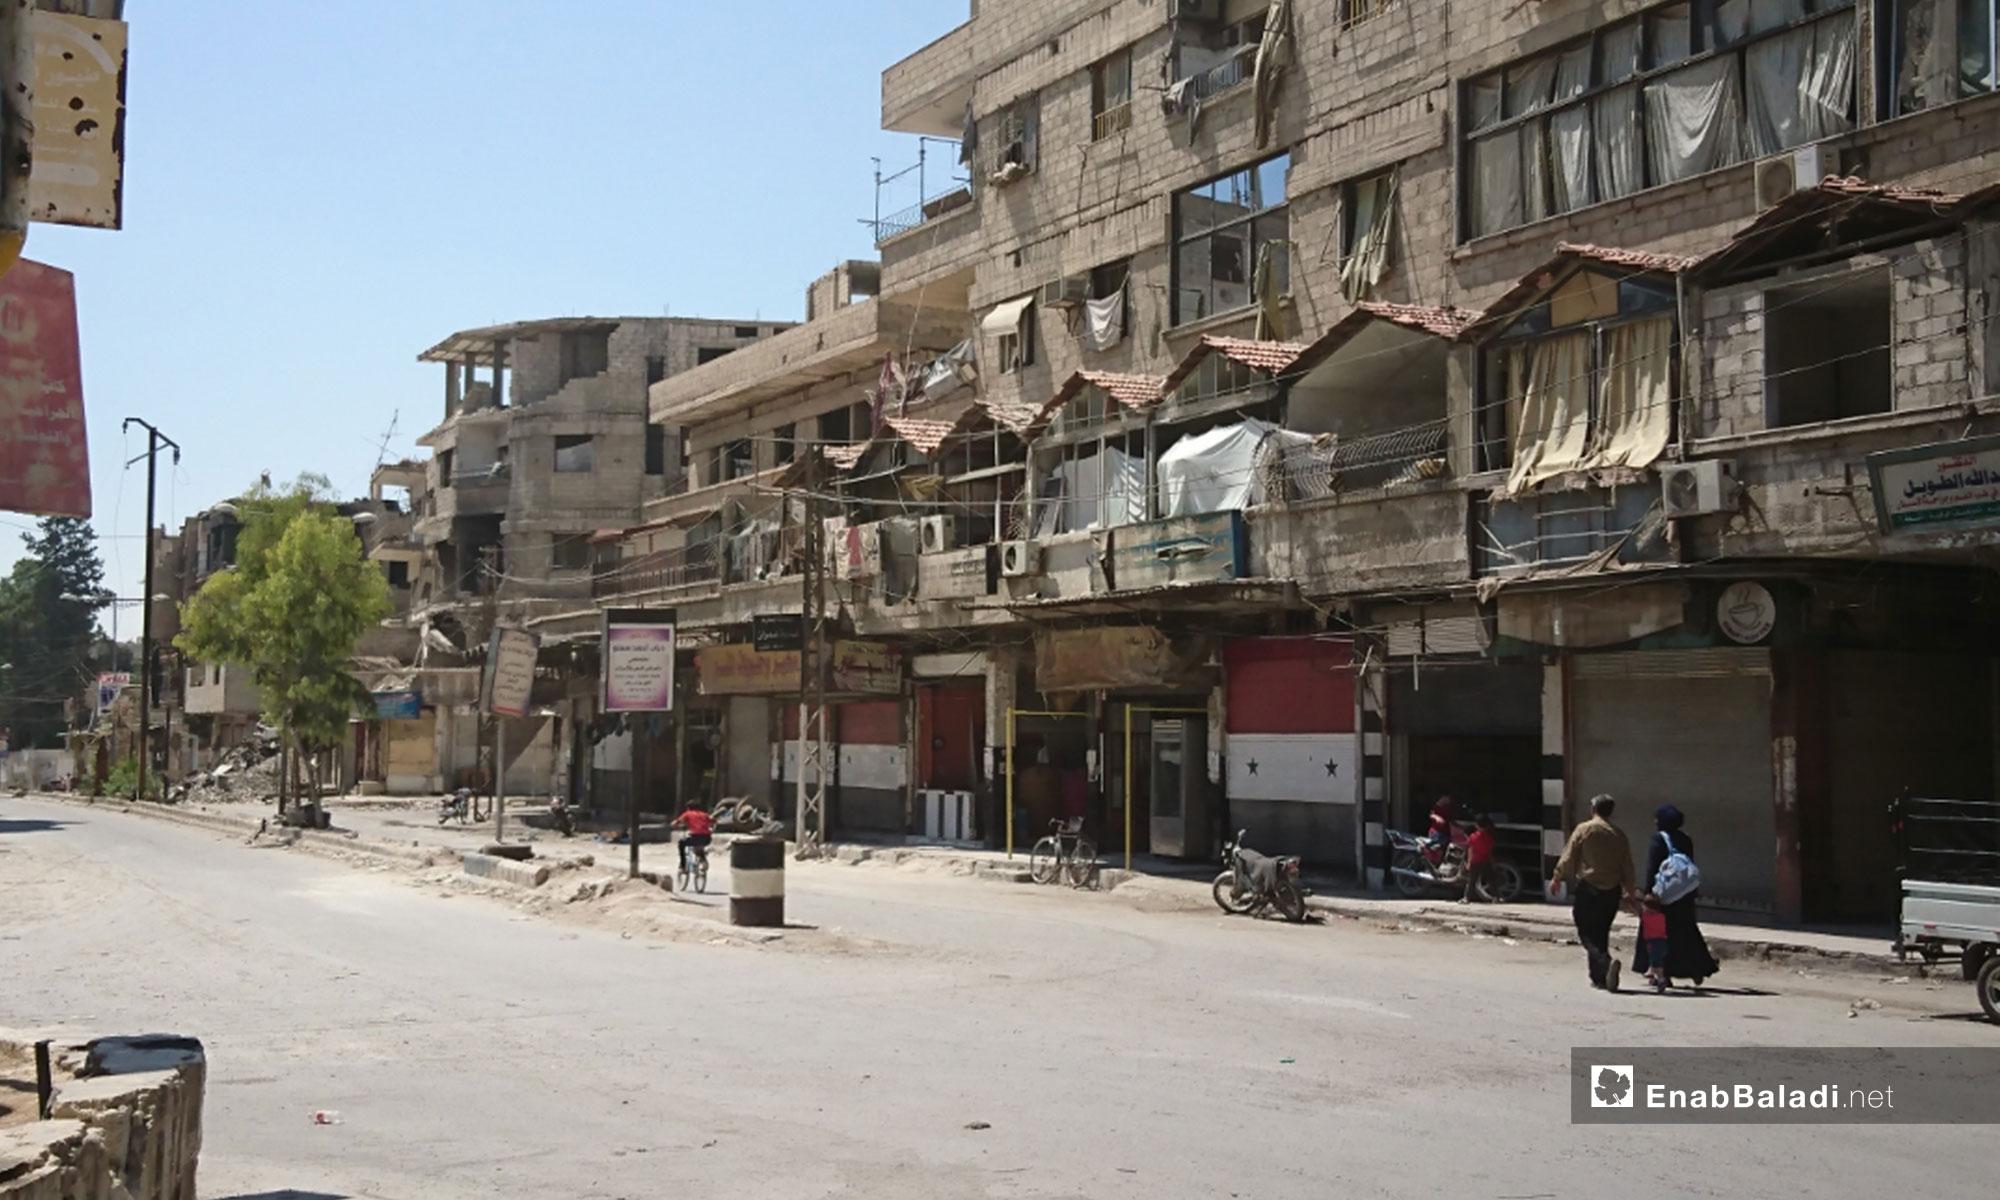 Kafr Batna town's market, Eastern Ghouta – August 18, 2018 (Enab Baladi)